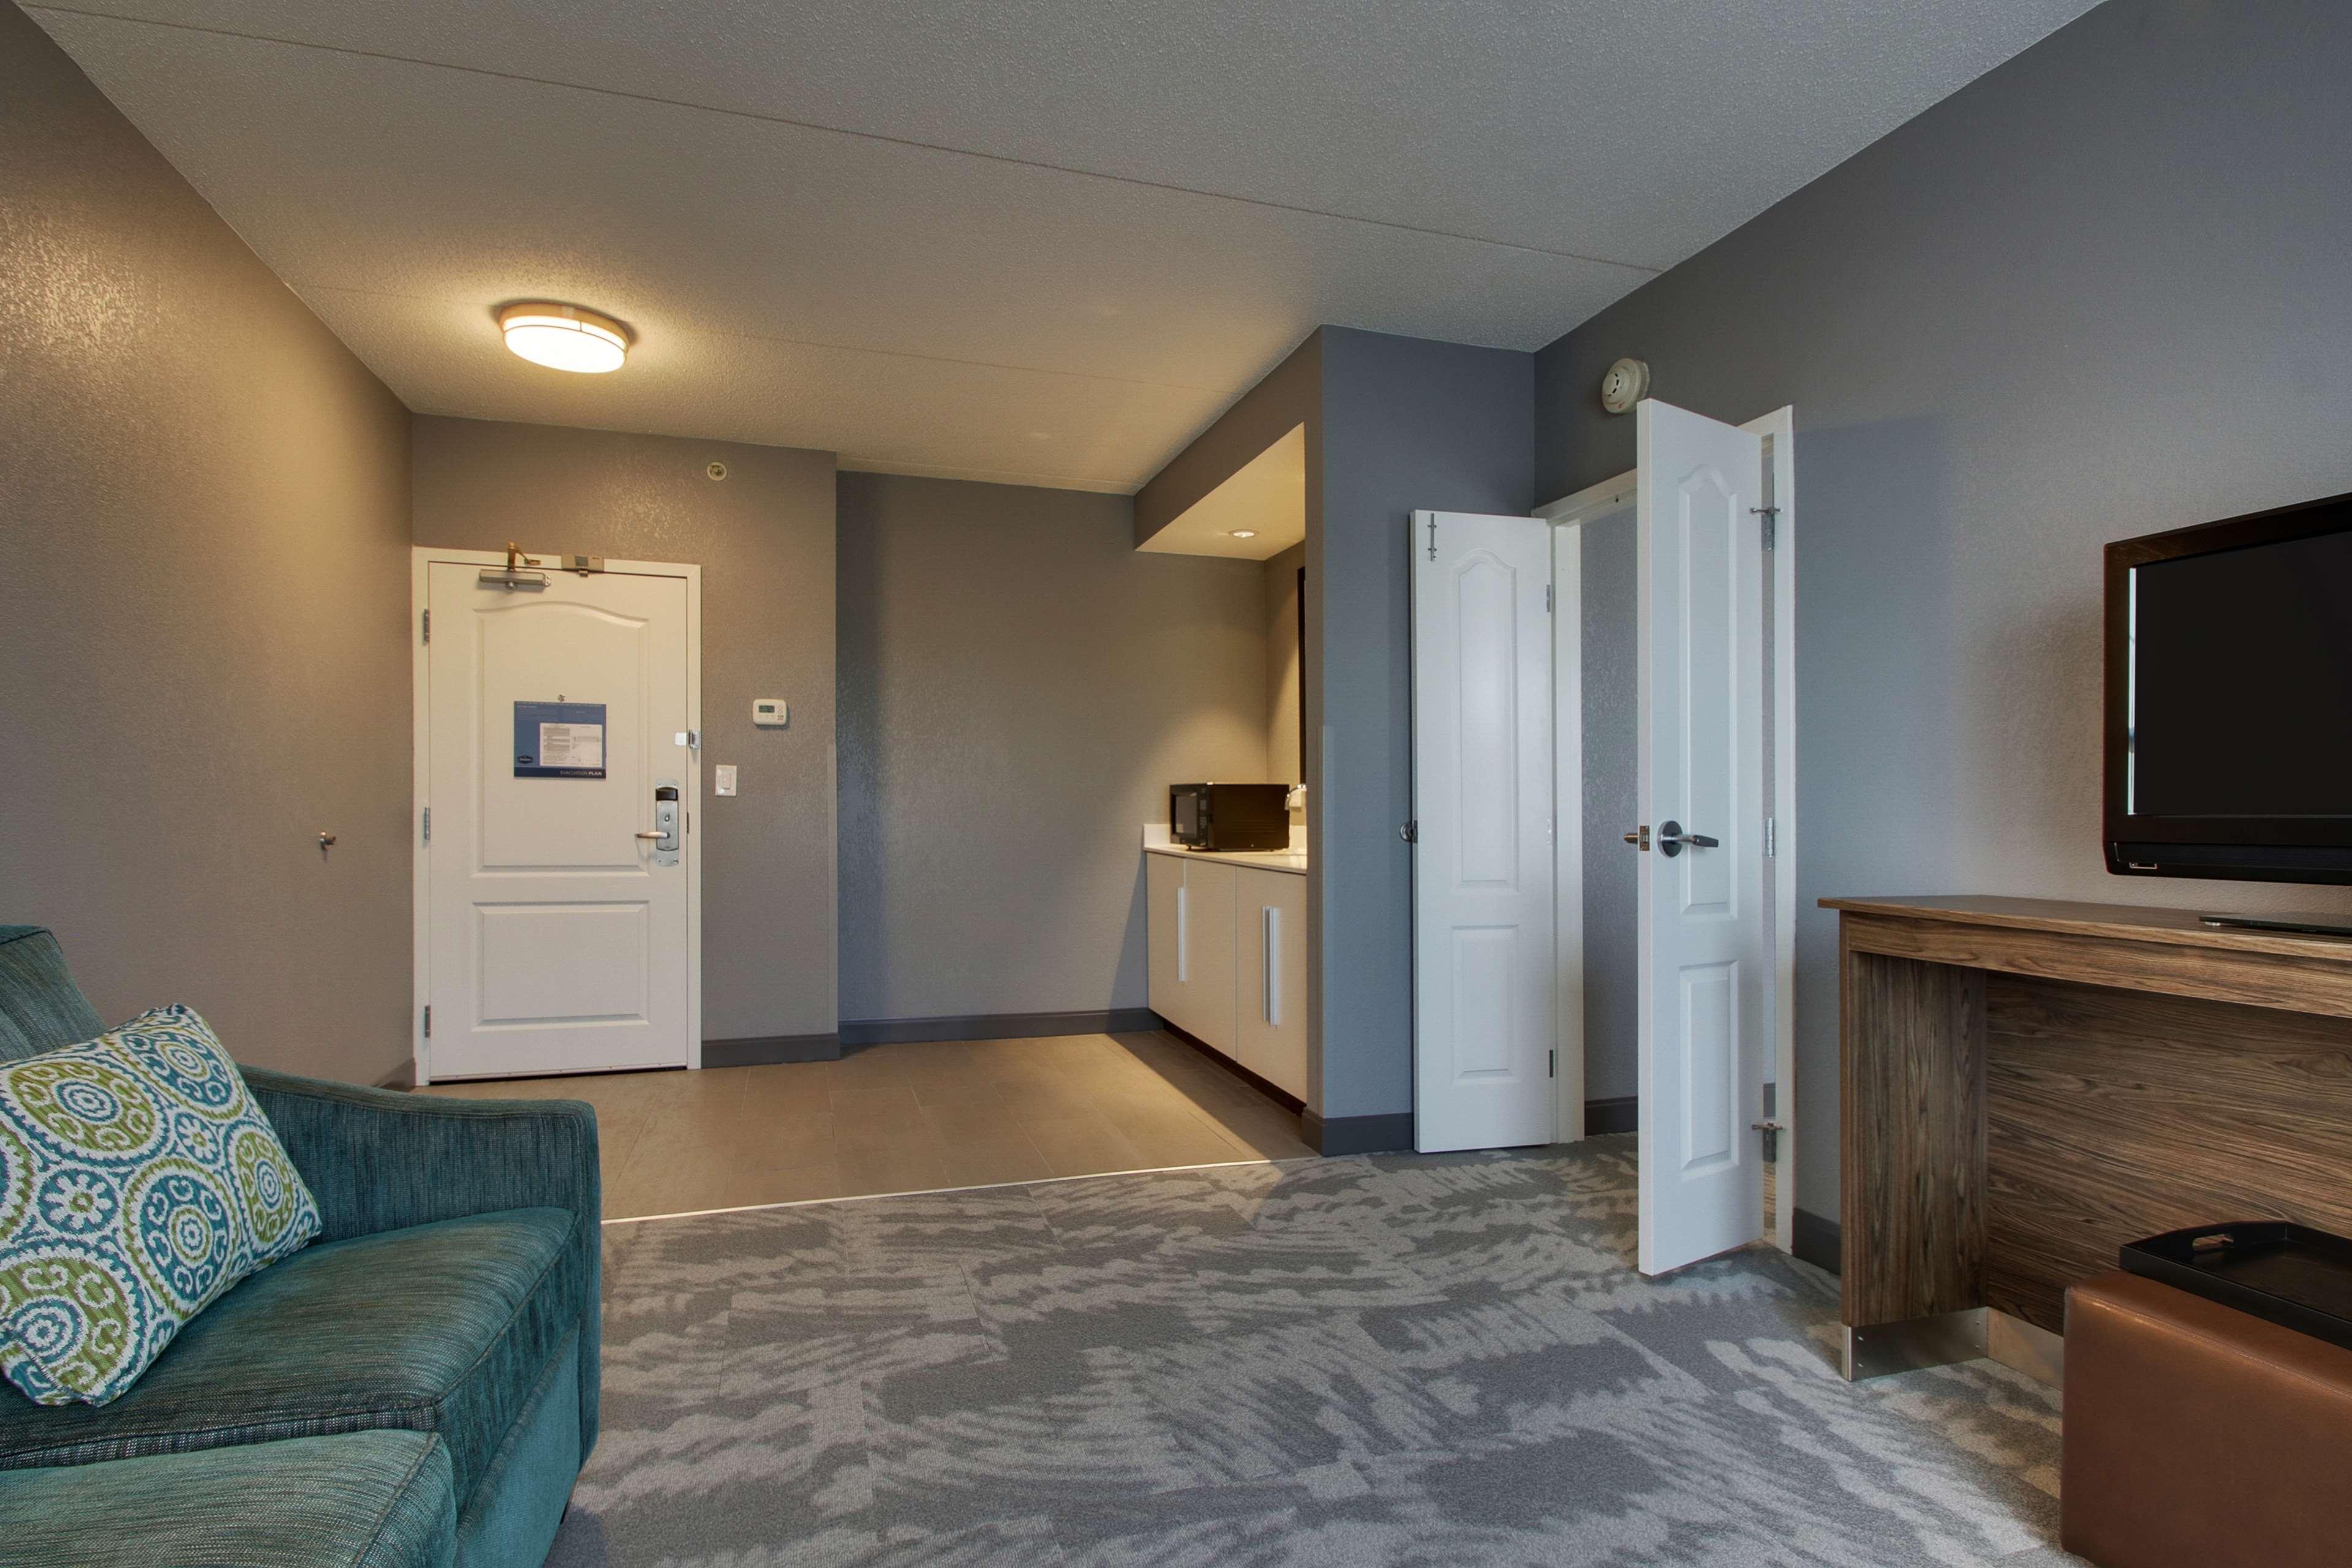 Hampton Inn & Suites Chicago/Aurora image 23